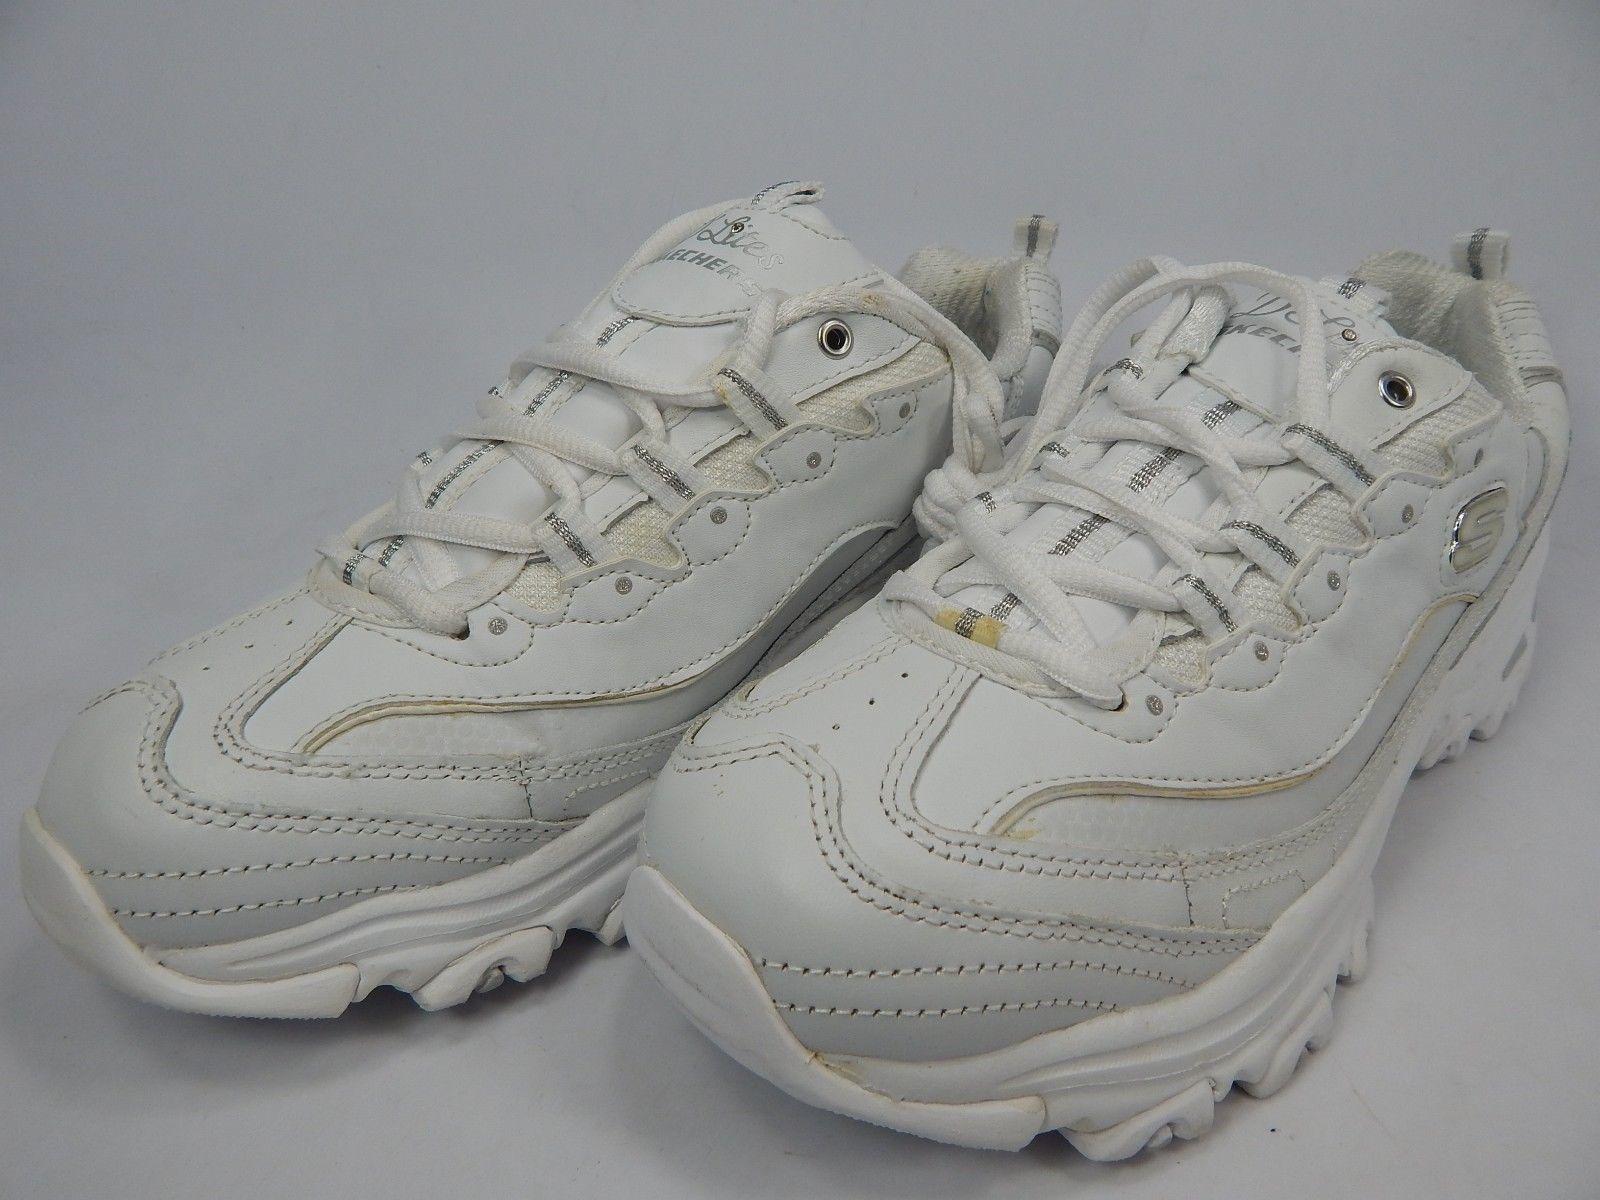 Skechers D'Lites Size US 8.5 M (B) EU: 38.5 Women's Athletic Shoes White